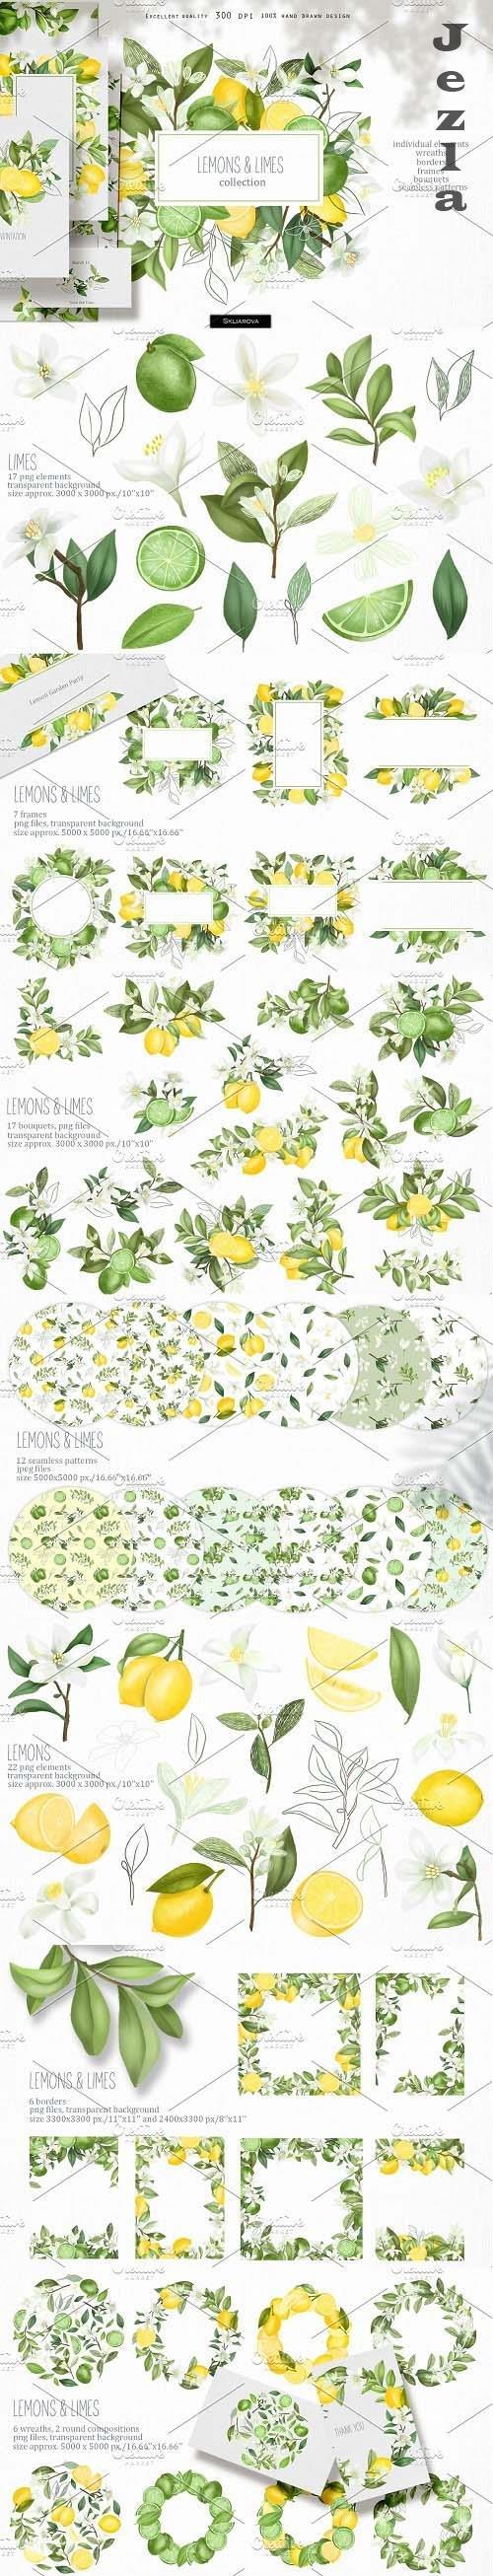 Lemons & limes collection - 4609745